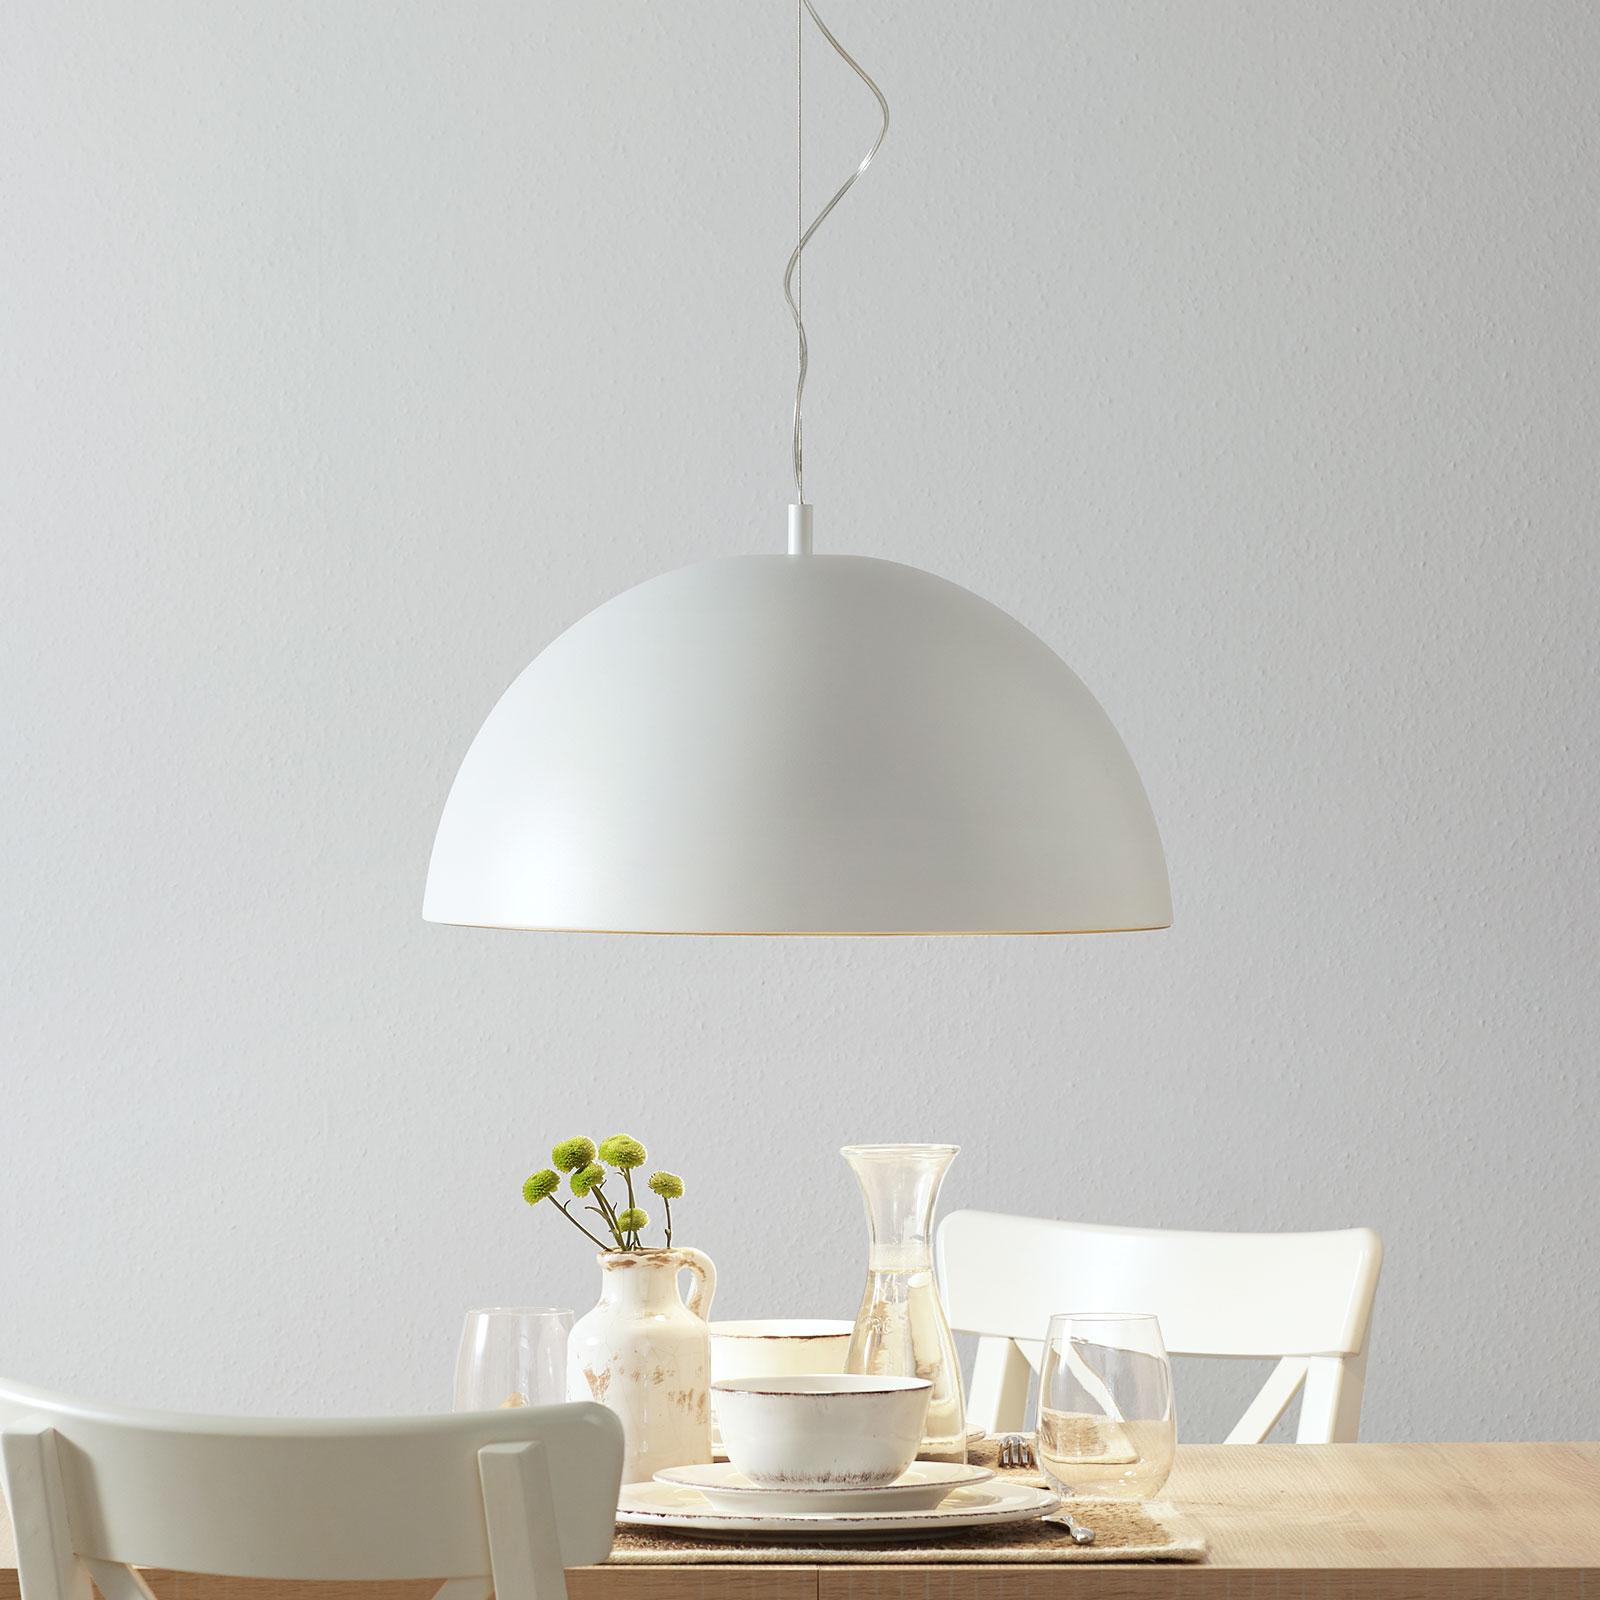 Lucande Phelan hanglamp 50cm wit-goud